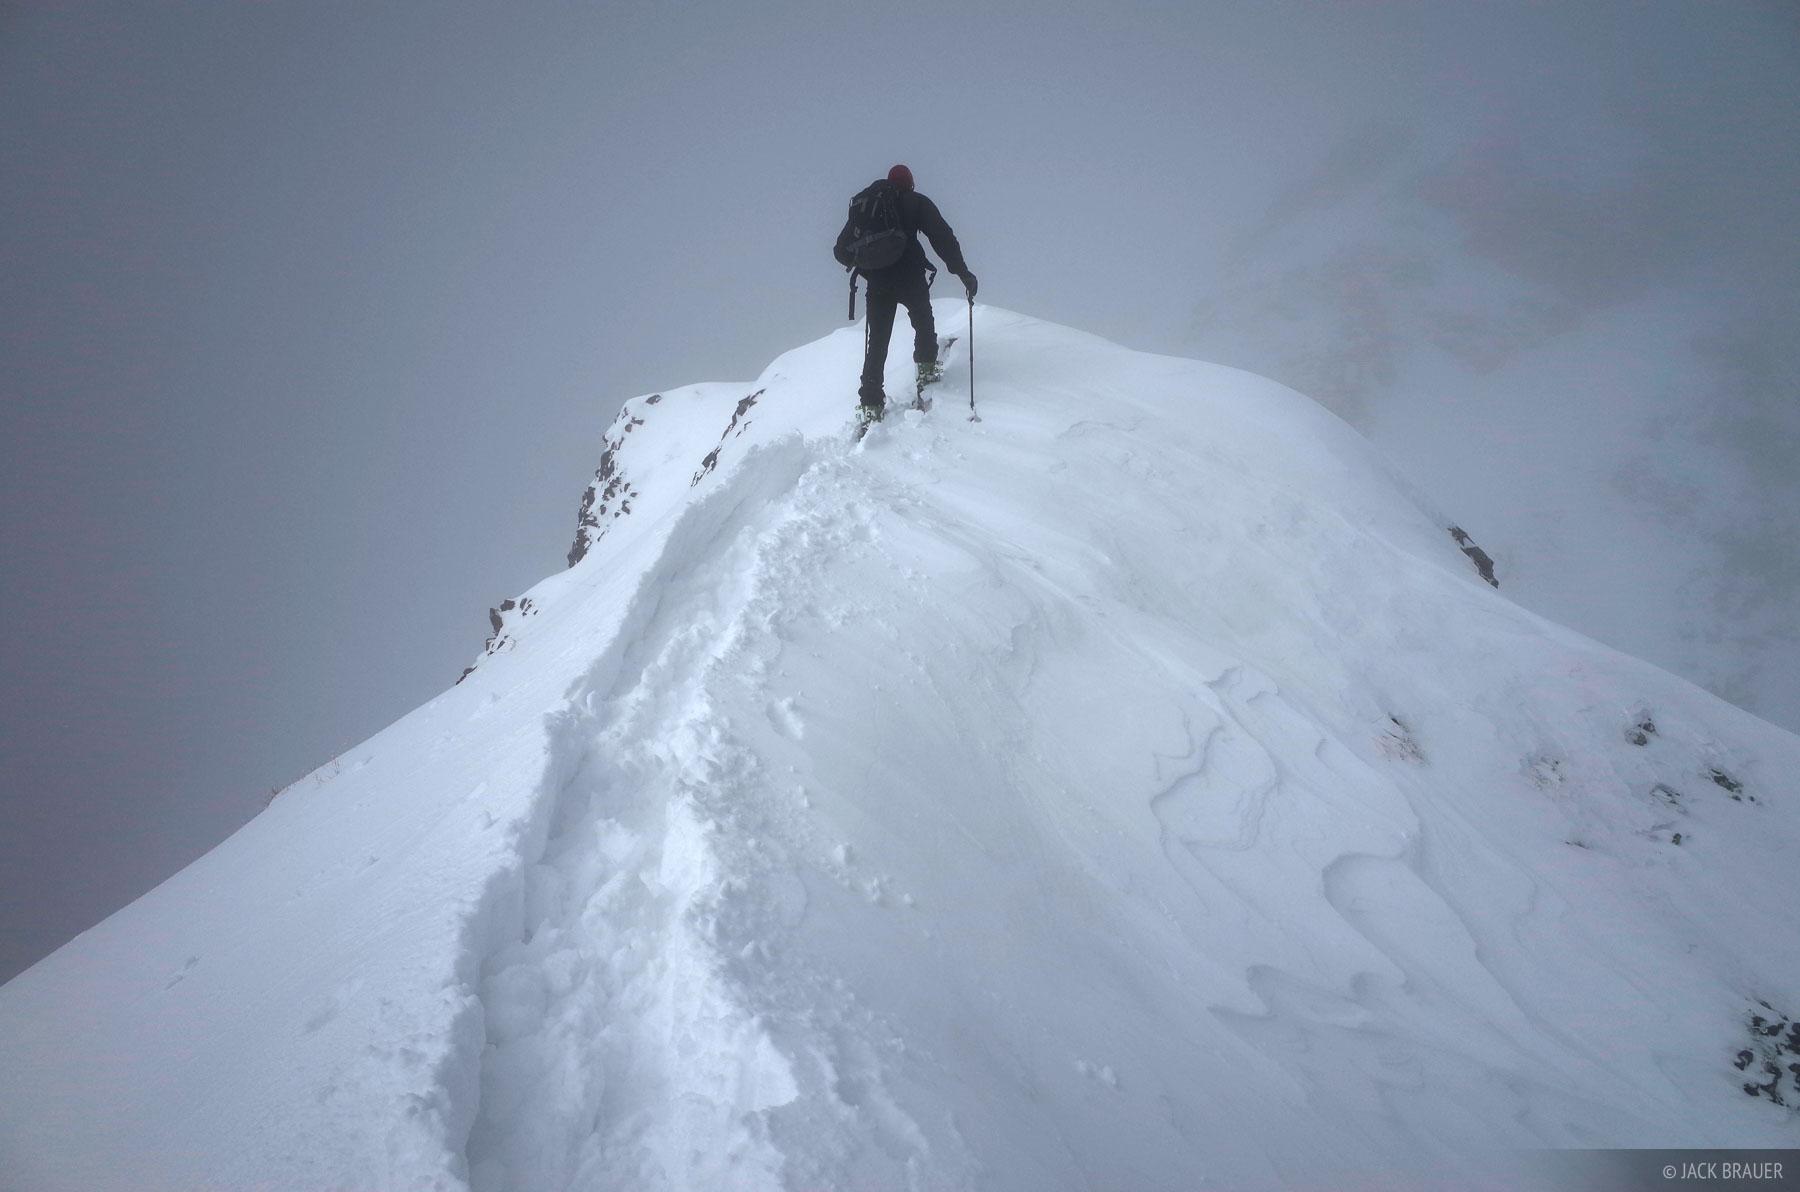 Colorado, Red Mountain Pass, San Juan Mountains, skiing, November, winter, active, 2013